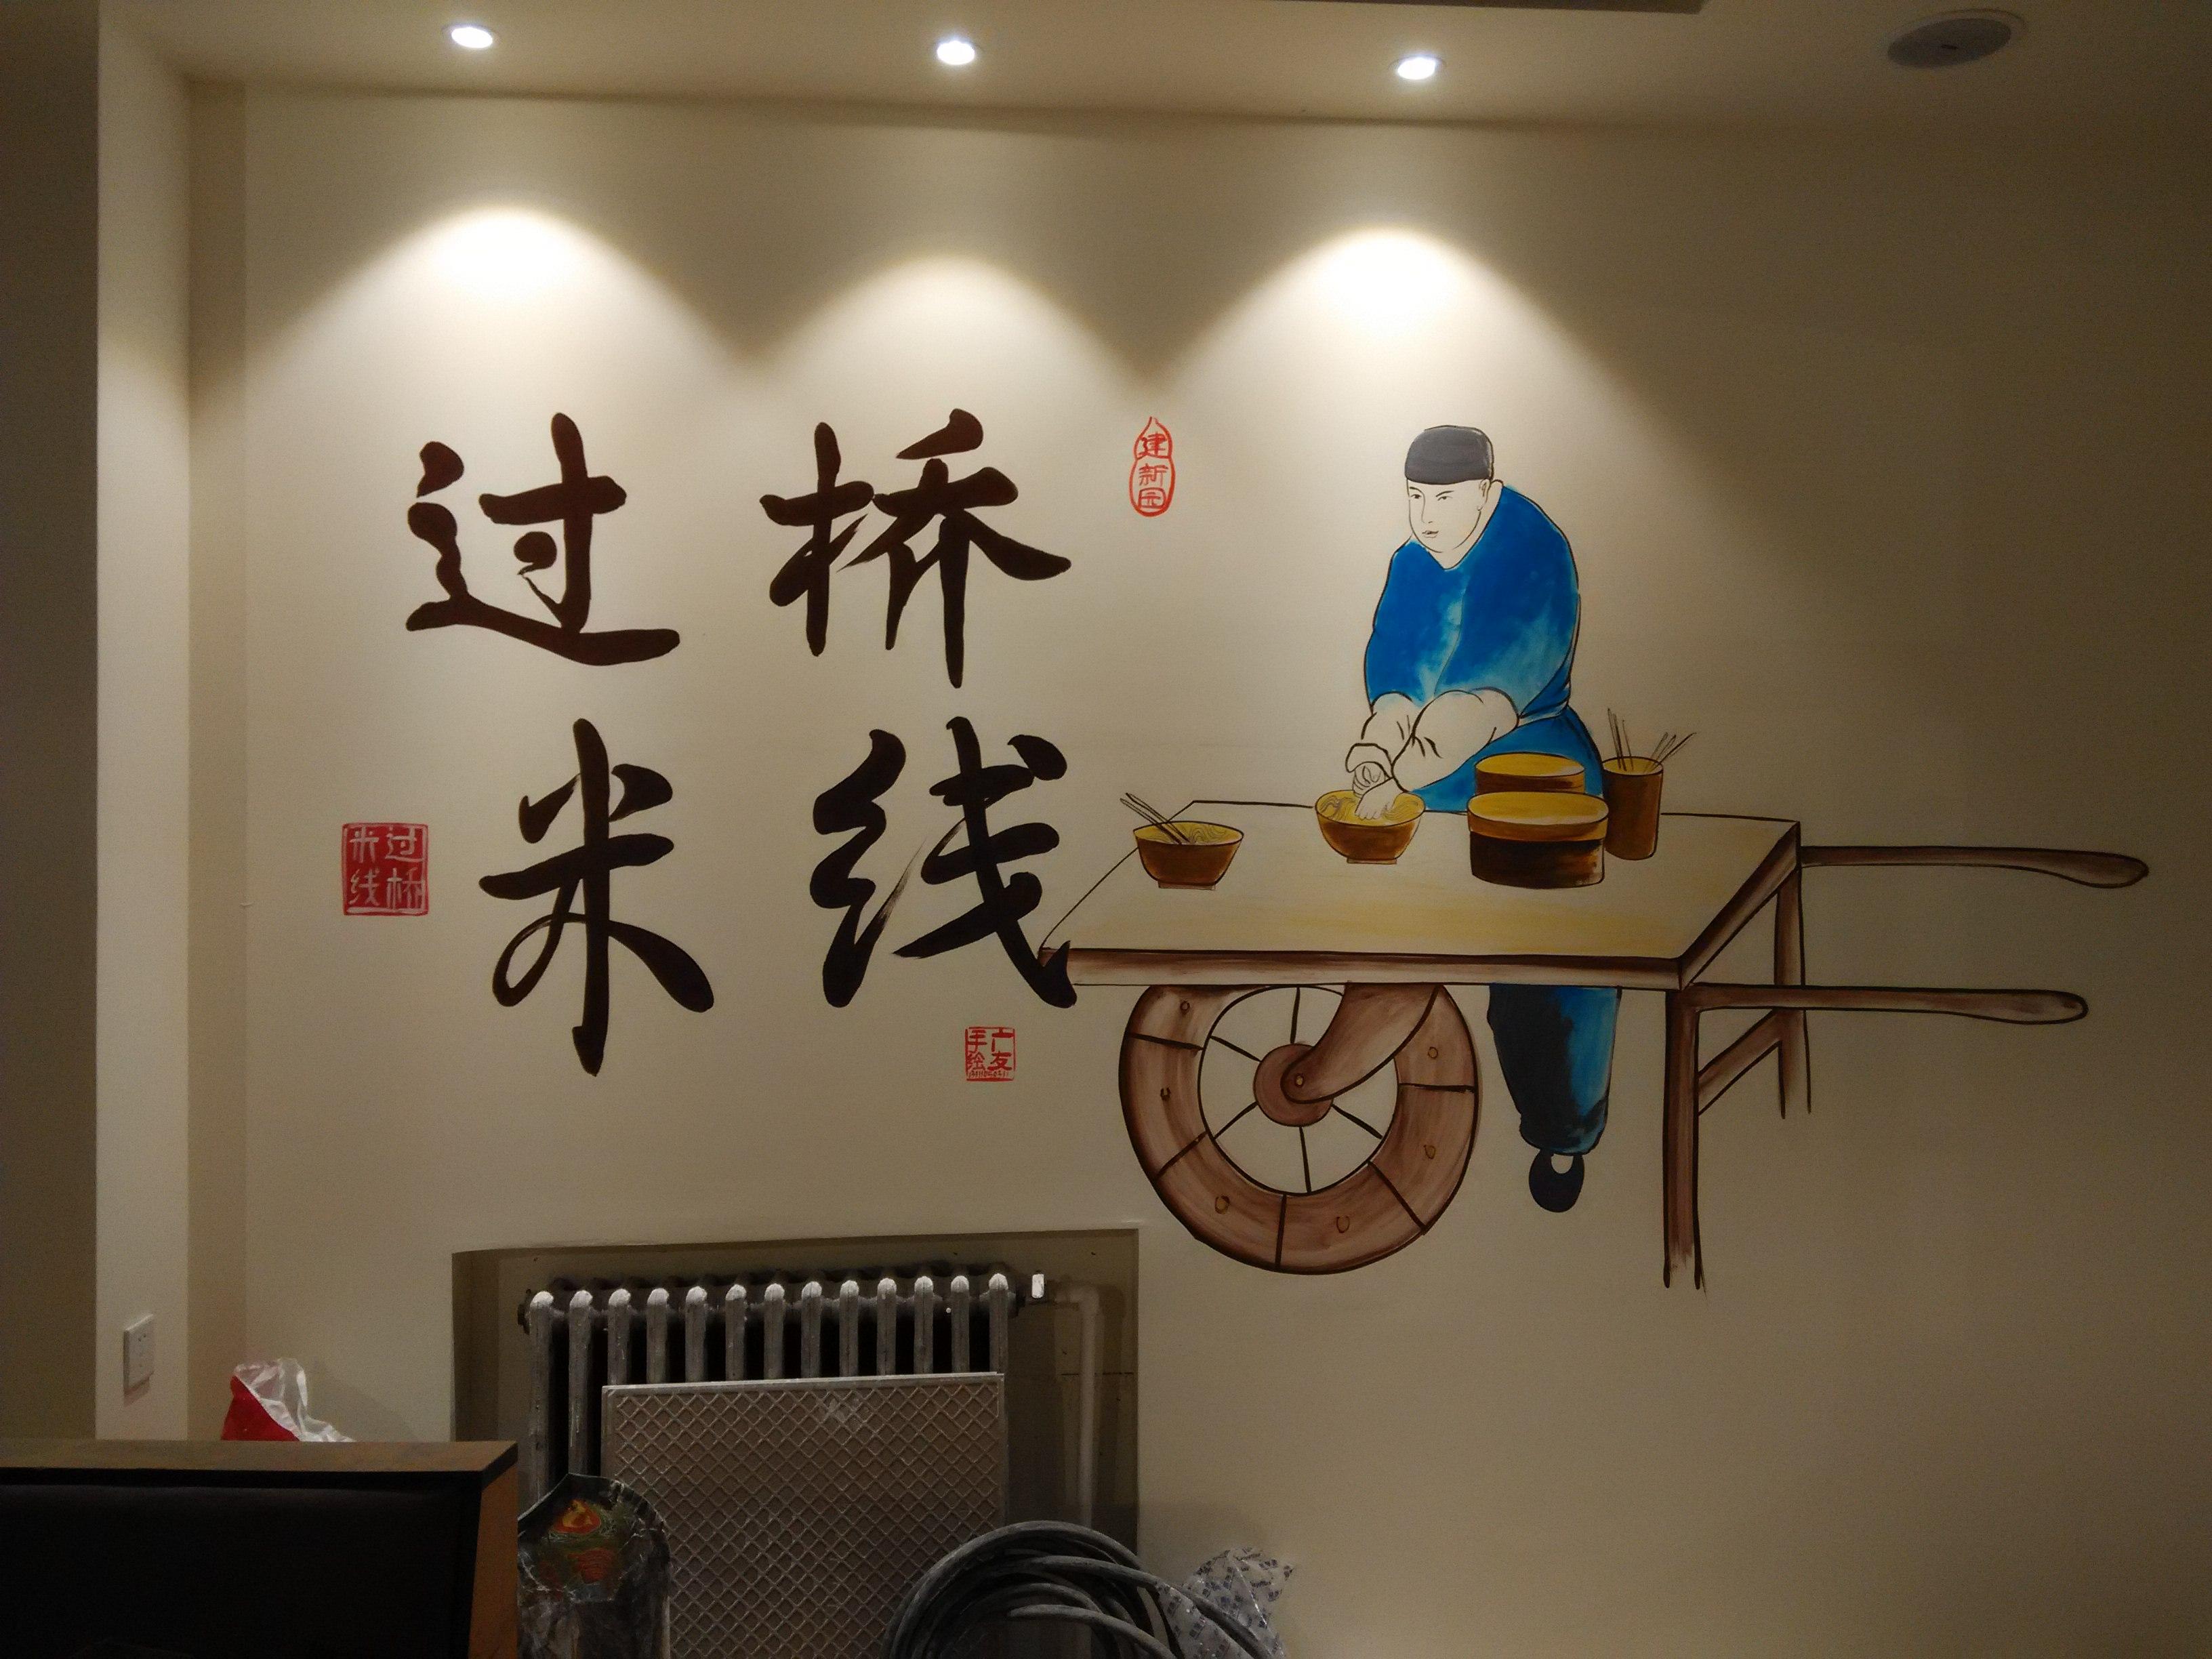 山西太原墙绘手绘墙画饭店手绘墙画餐厅背景壁画沙发背景墙画